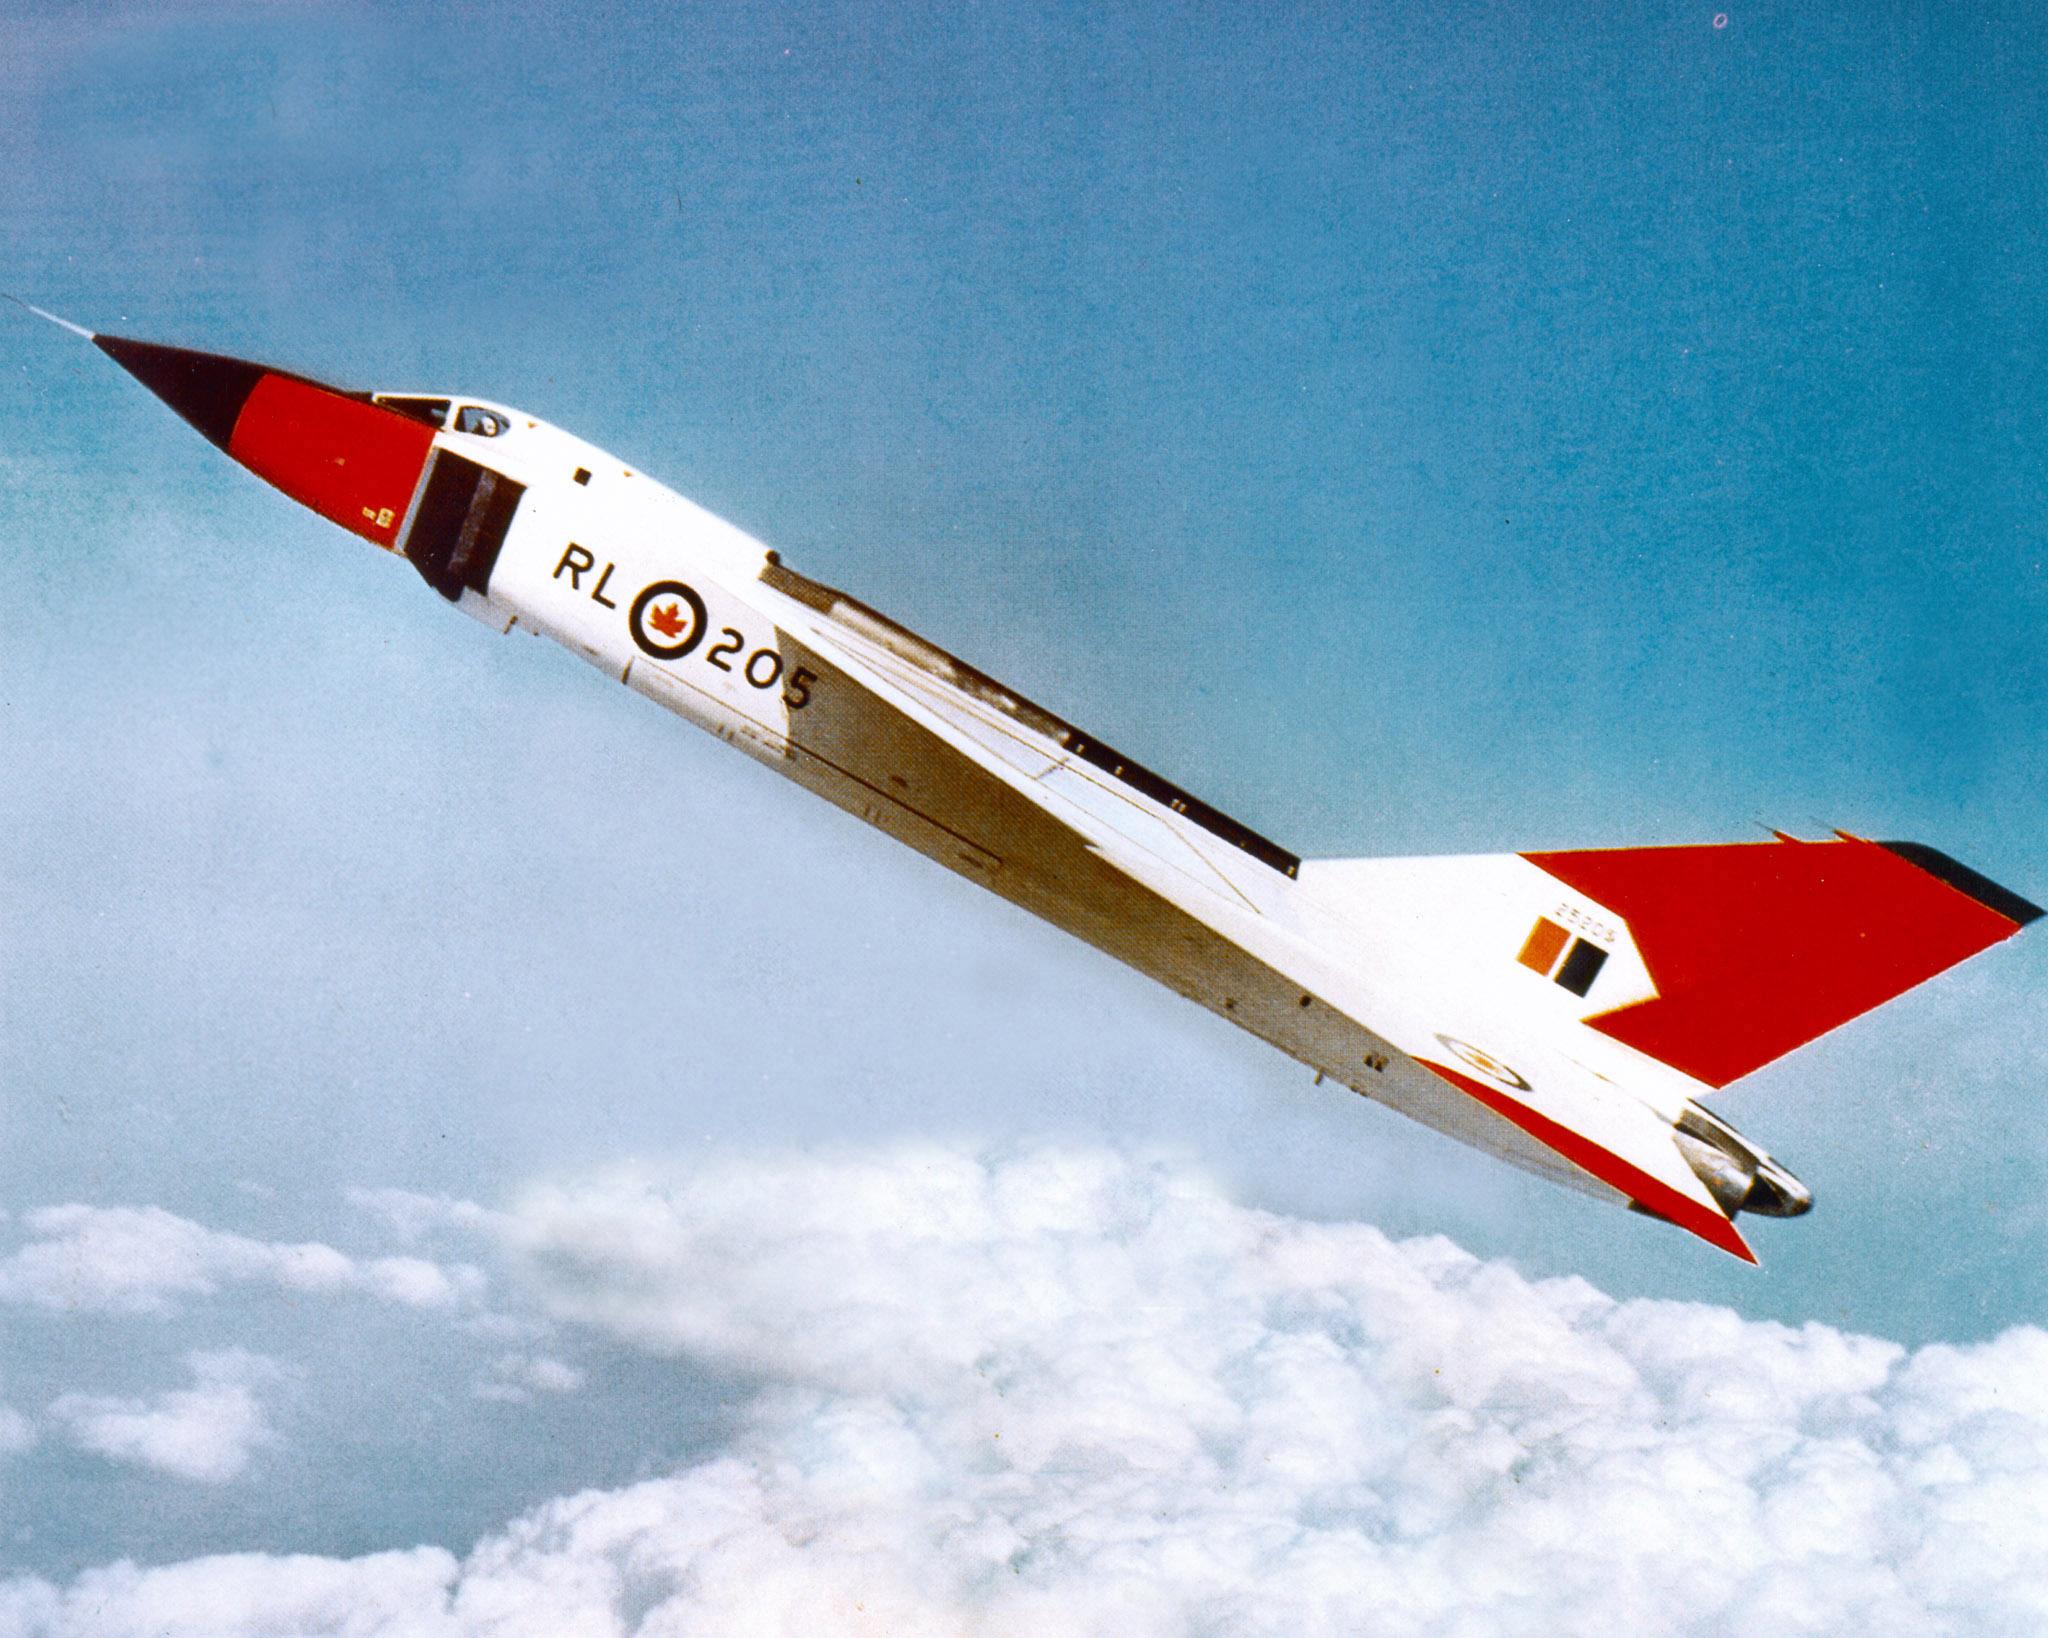 cf-105-2.jpg